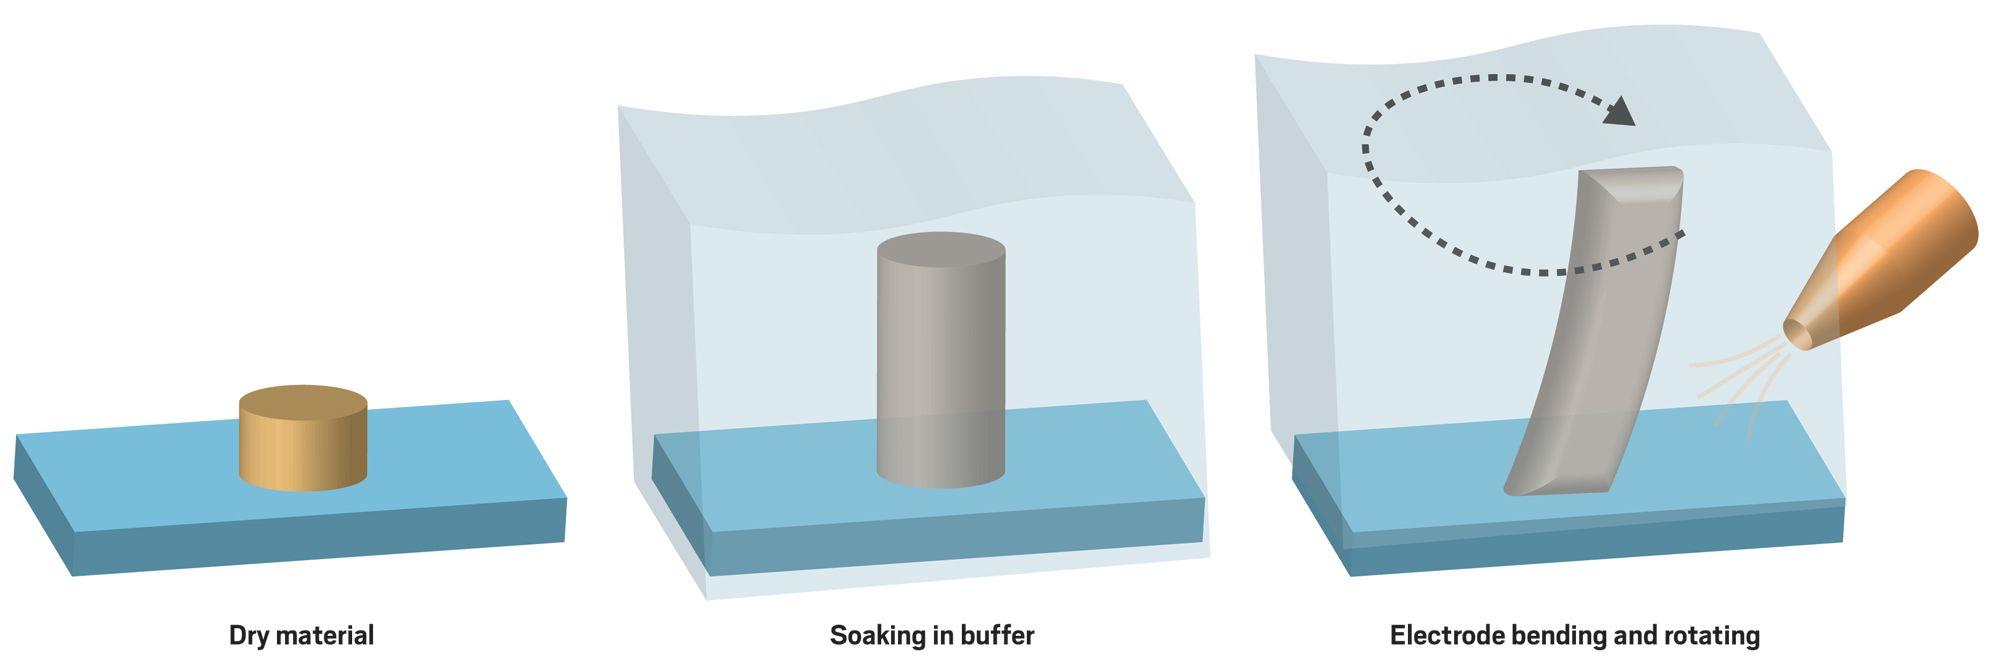 microelectrode2.jpg